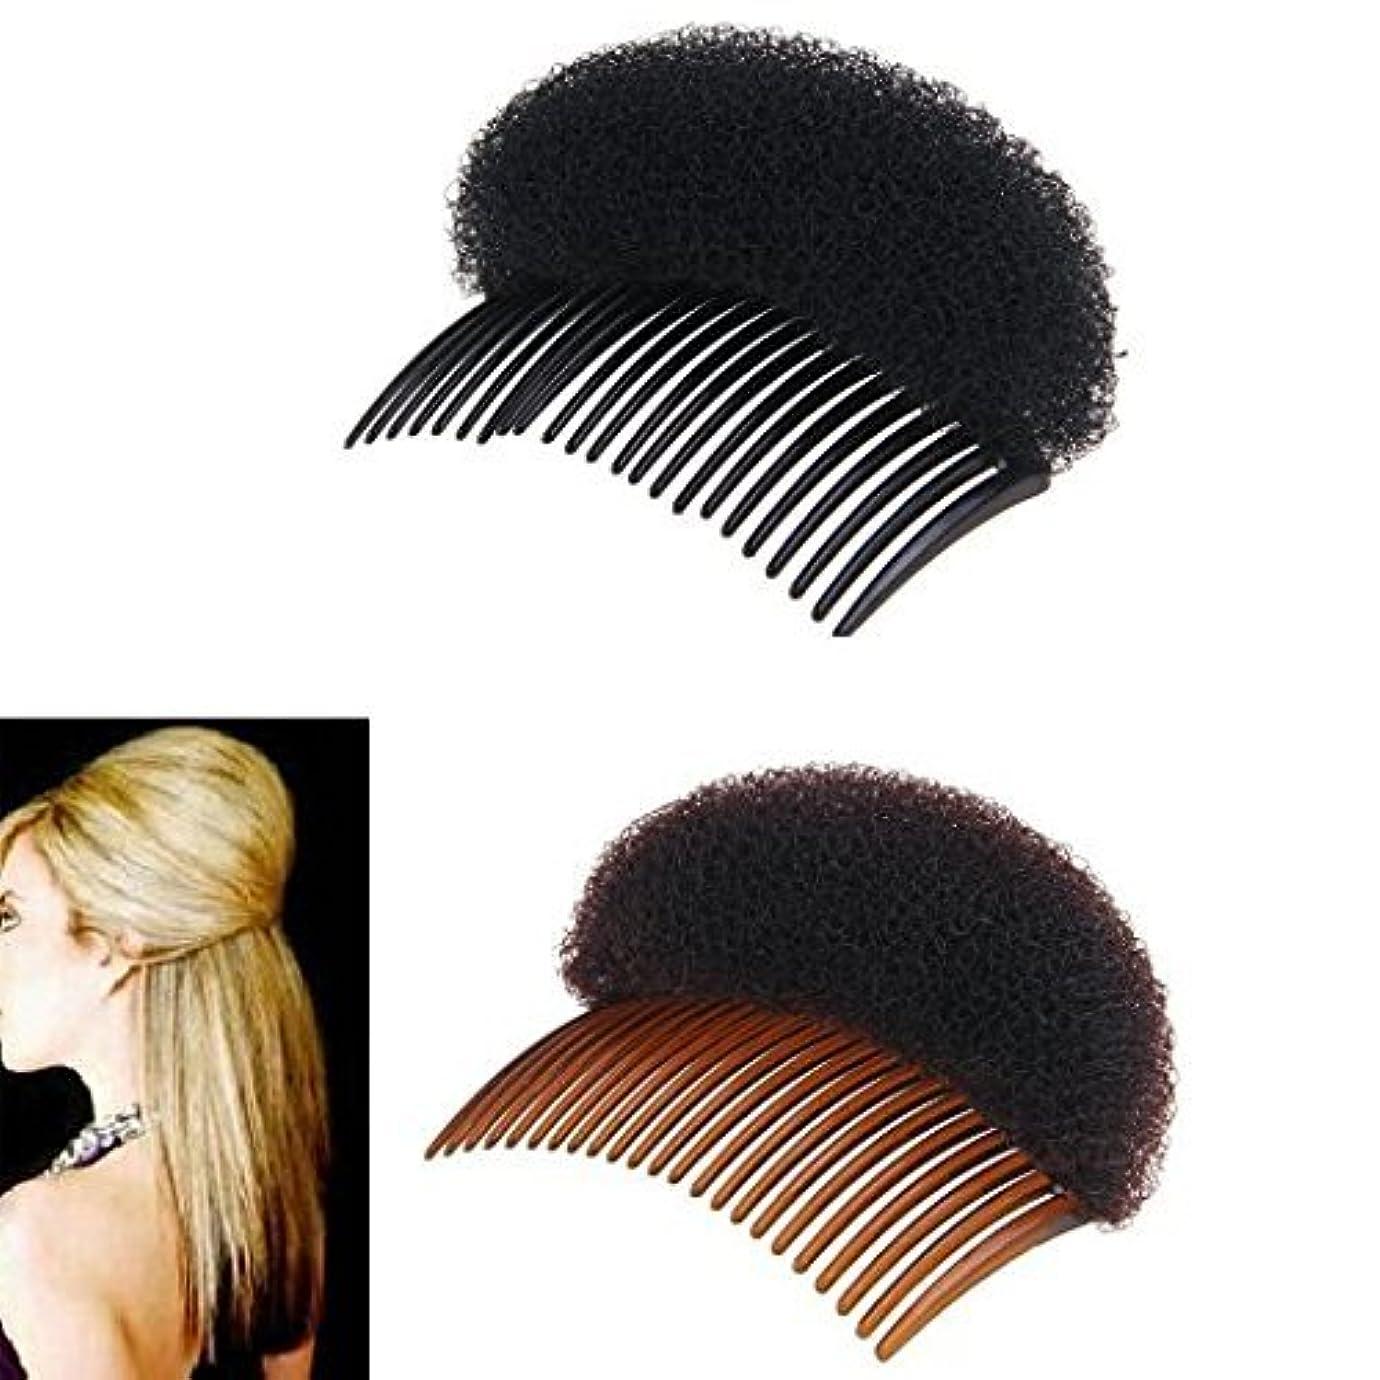 小人恵み知り合いになる2Pices(1Black+1Brown) Women Bump It Up Volume Hair Base Styling Clip Stick Bum Maker Braid Insert Tool Do Beehive Hair Styler Party Hair Accessories with Comb [並行輸入品]